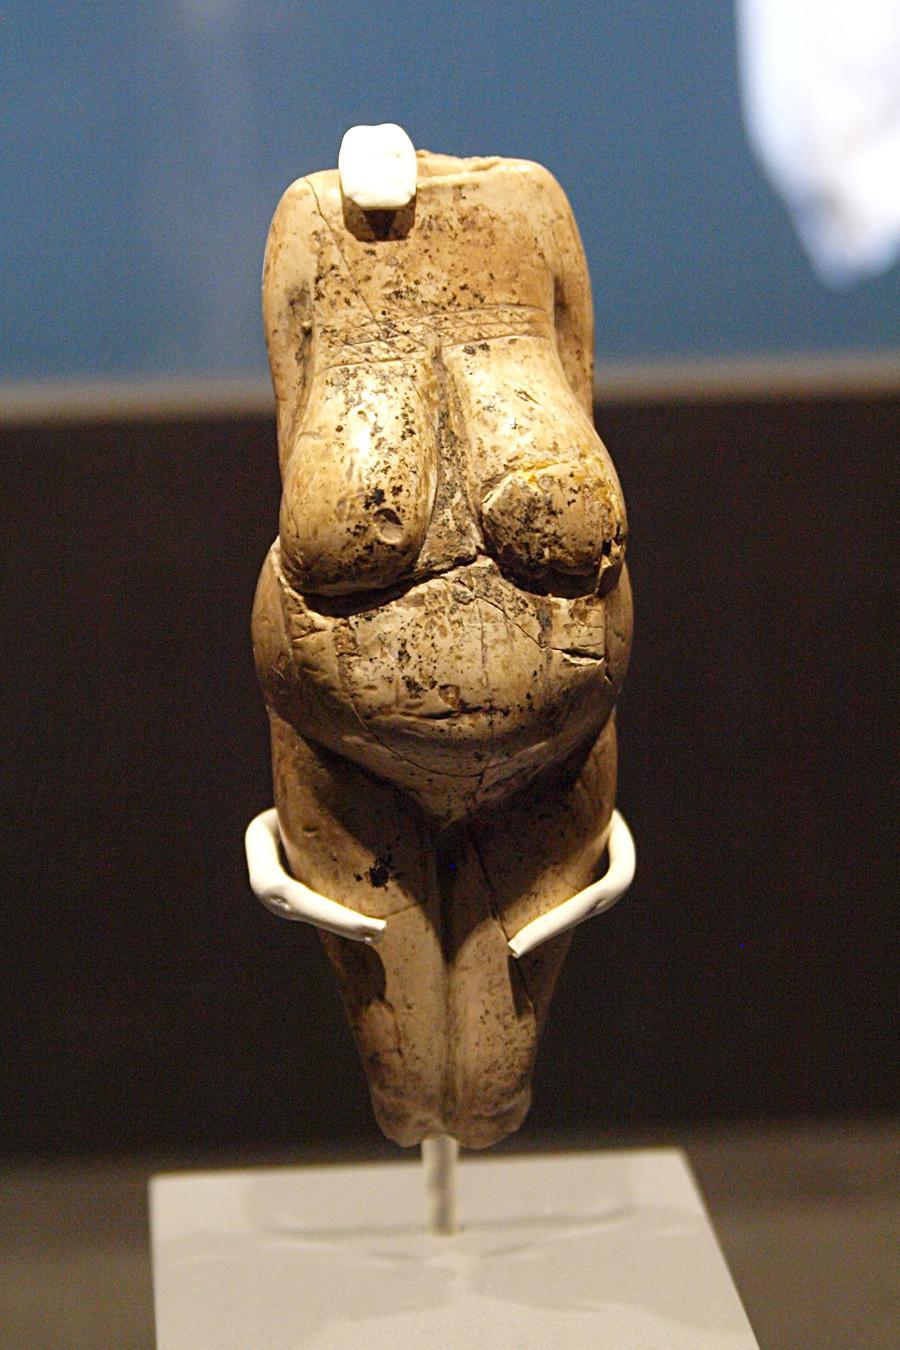 »Venera« iz vasi Kostenki, starodavni kipec plodnega ženskega telesa